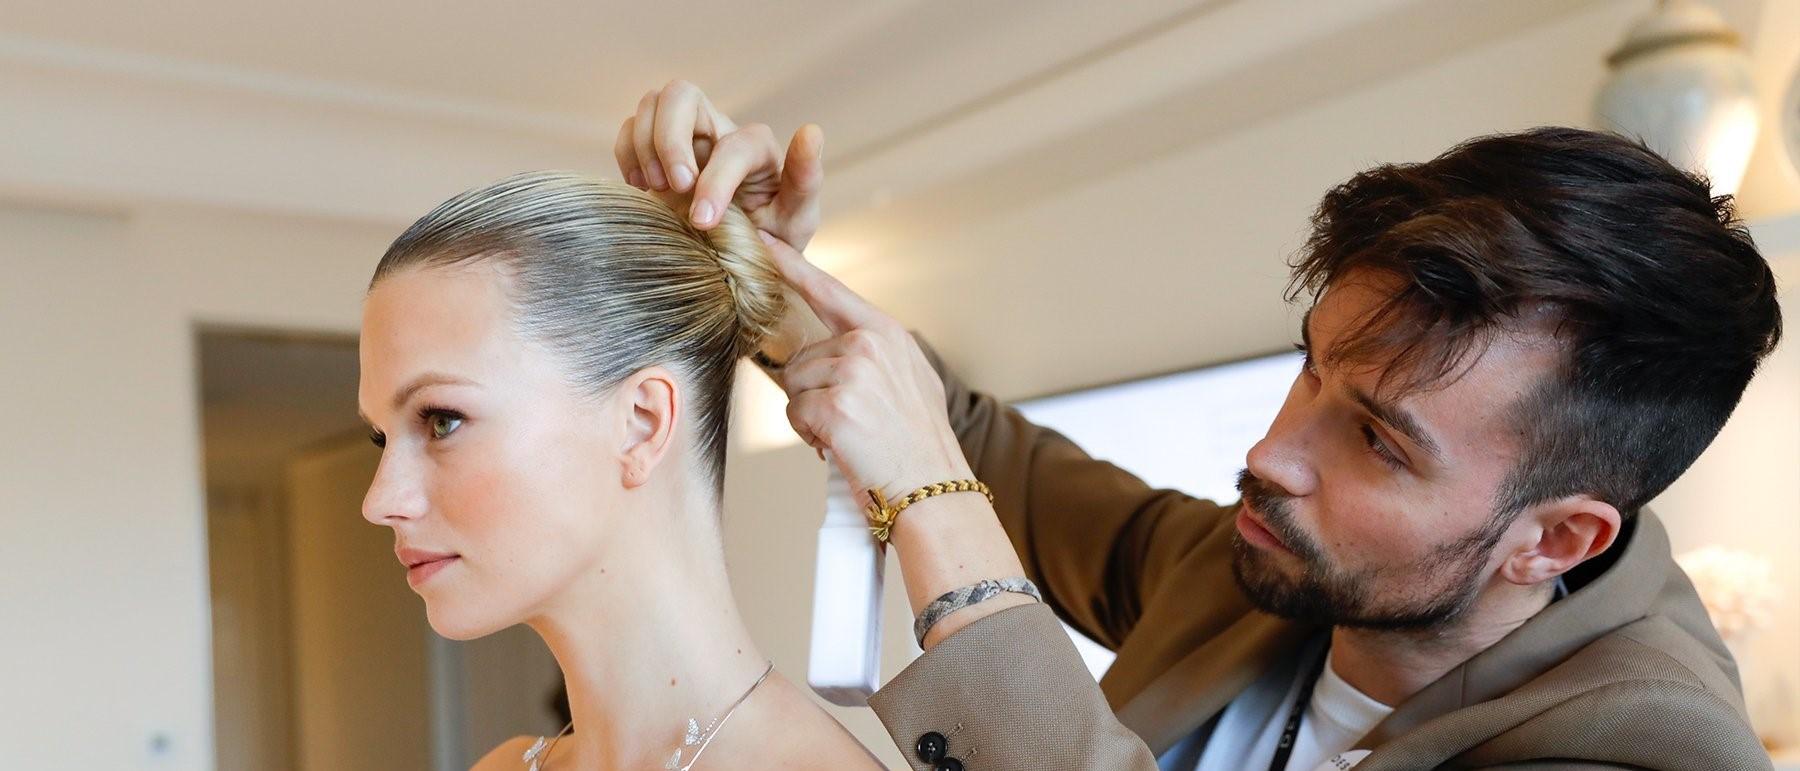 Décryptage coiffure Cannes 2019 : le Chignon Ballerine de Nadine Leopold